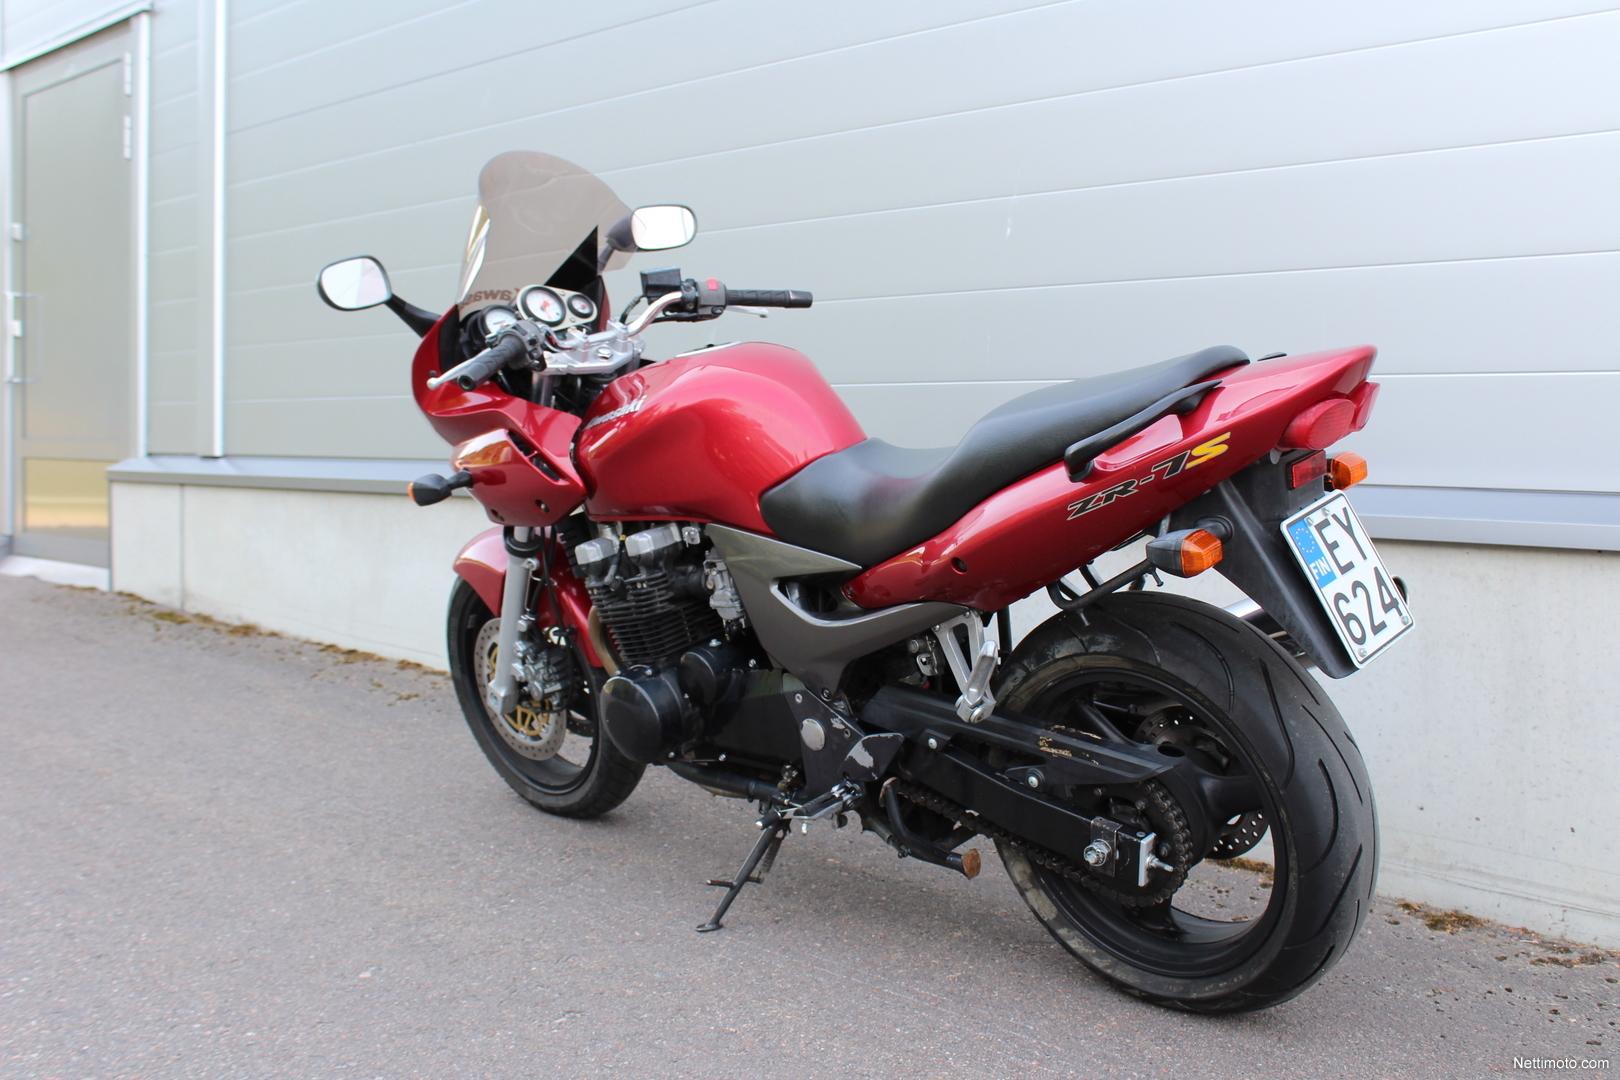 Kawasaki ZR-7S 750 cm³ 2004 - Turku - Moottoripyörä - Nettimoto